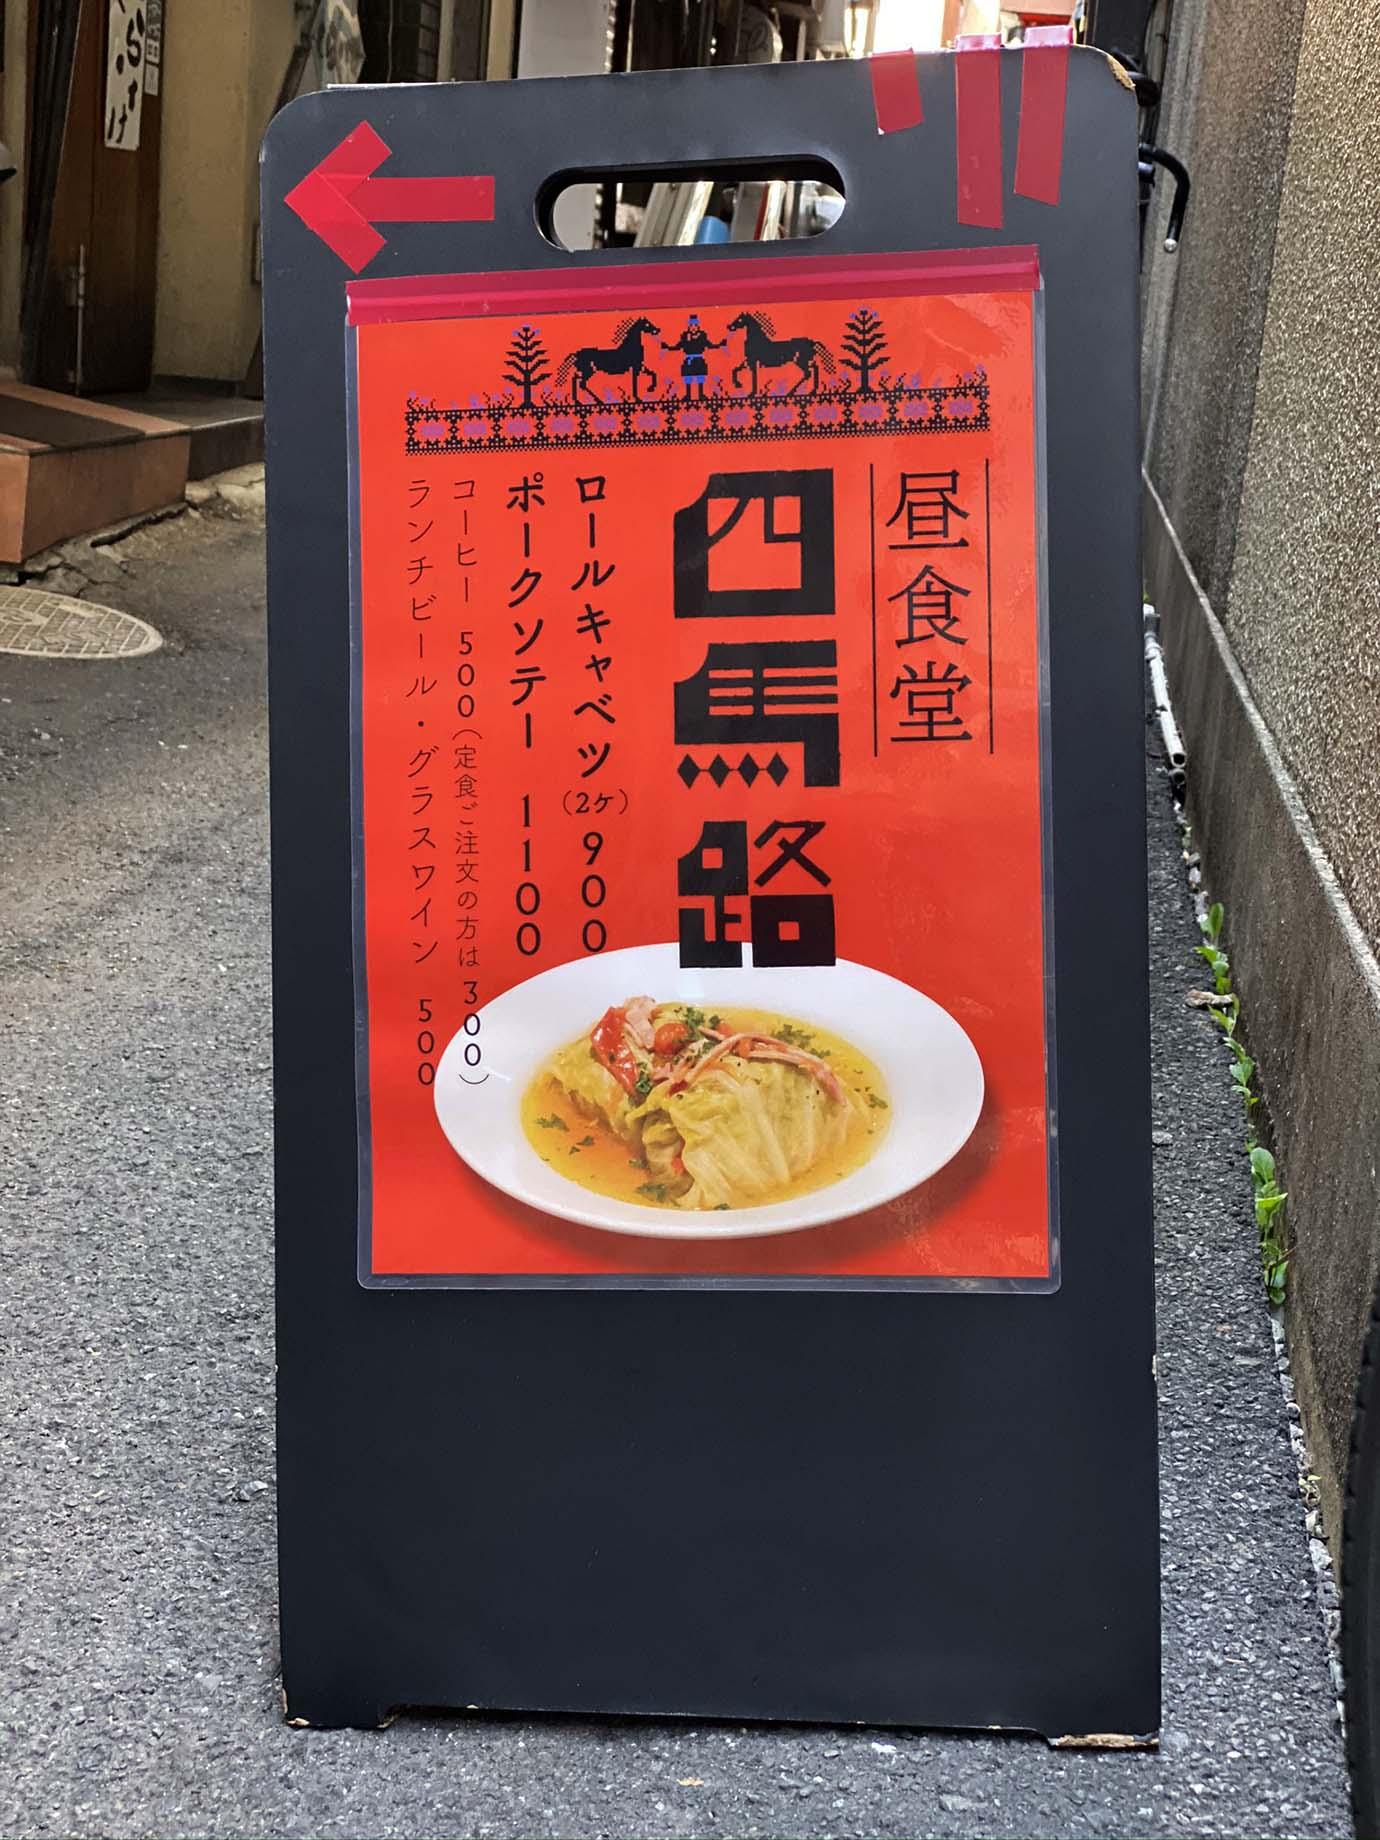 kodoku-no-gurume-season8-ginza-roll-cabbage1